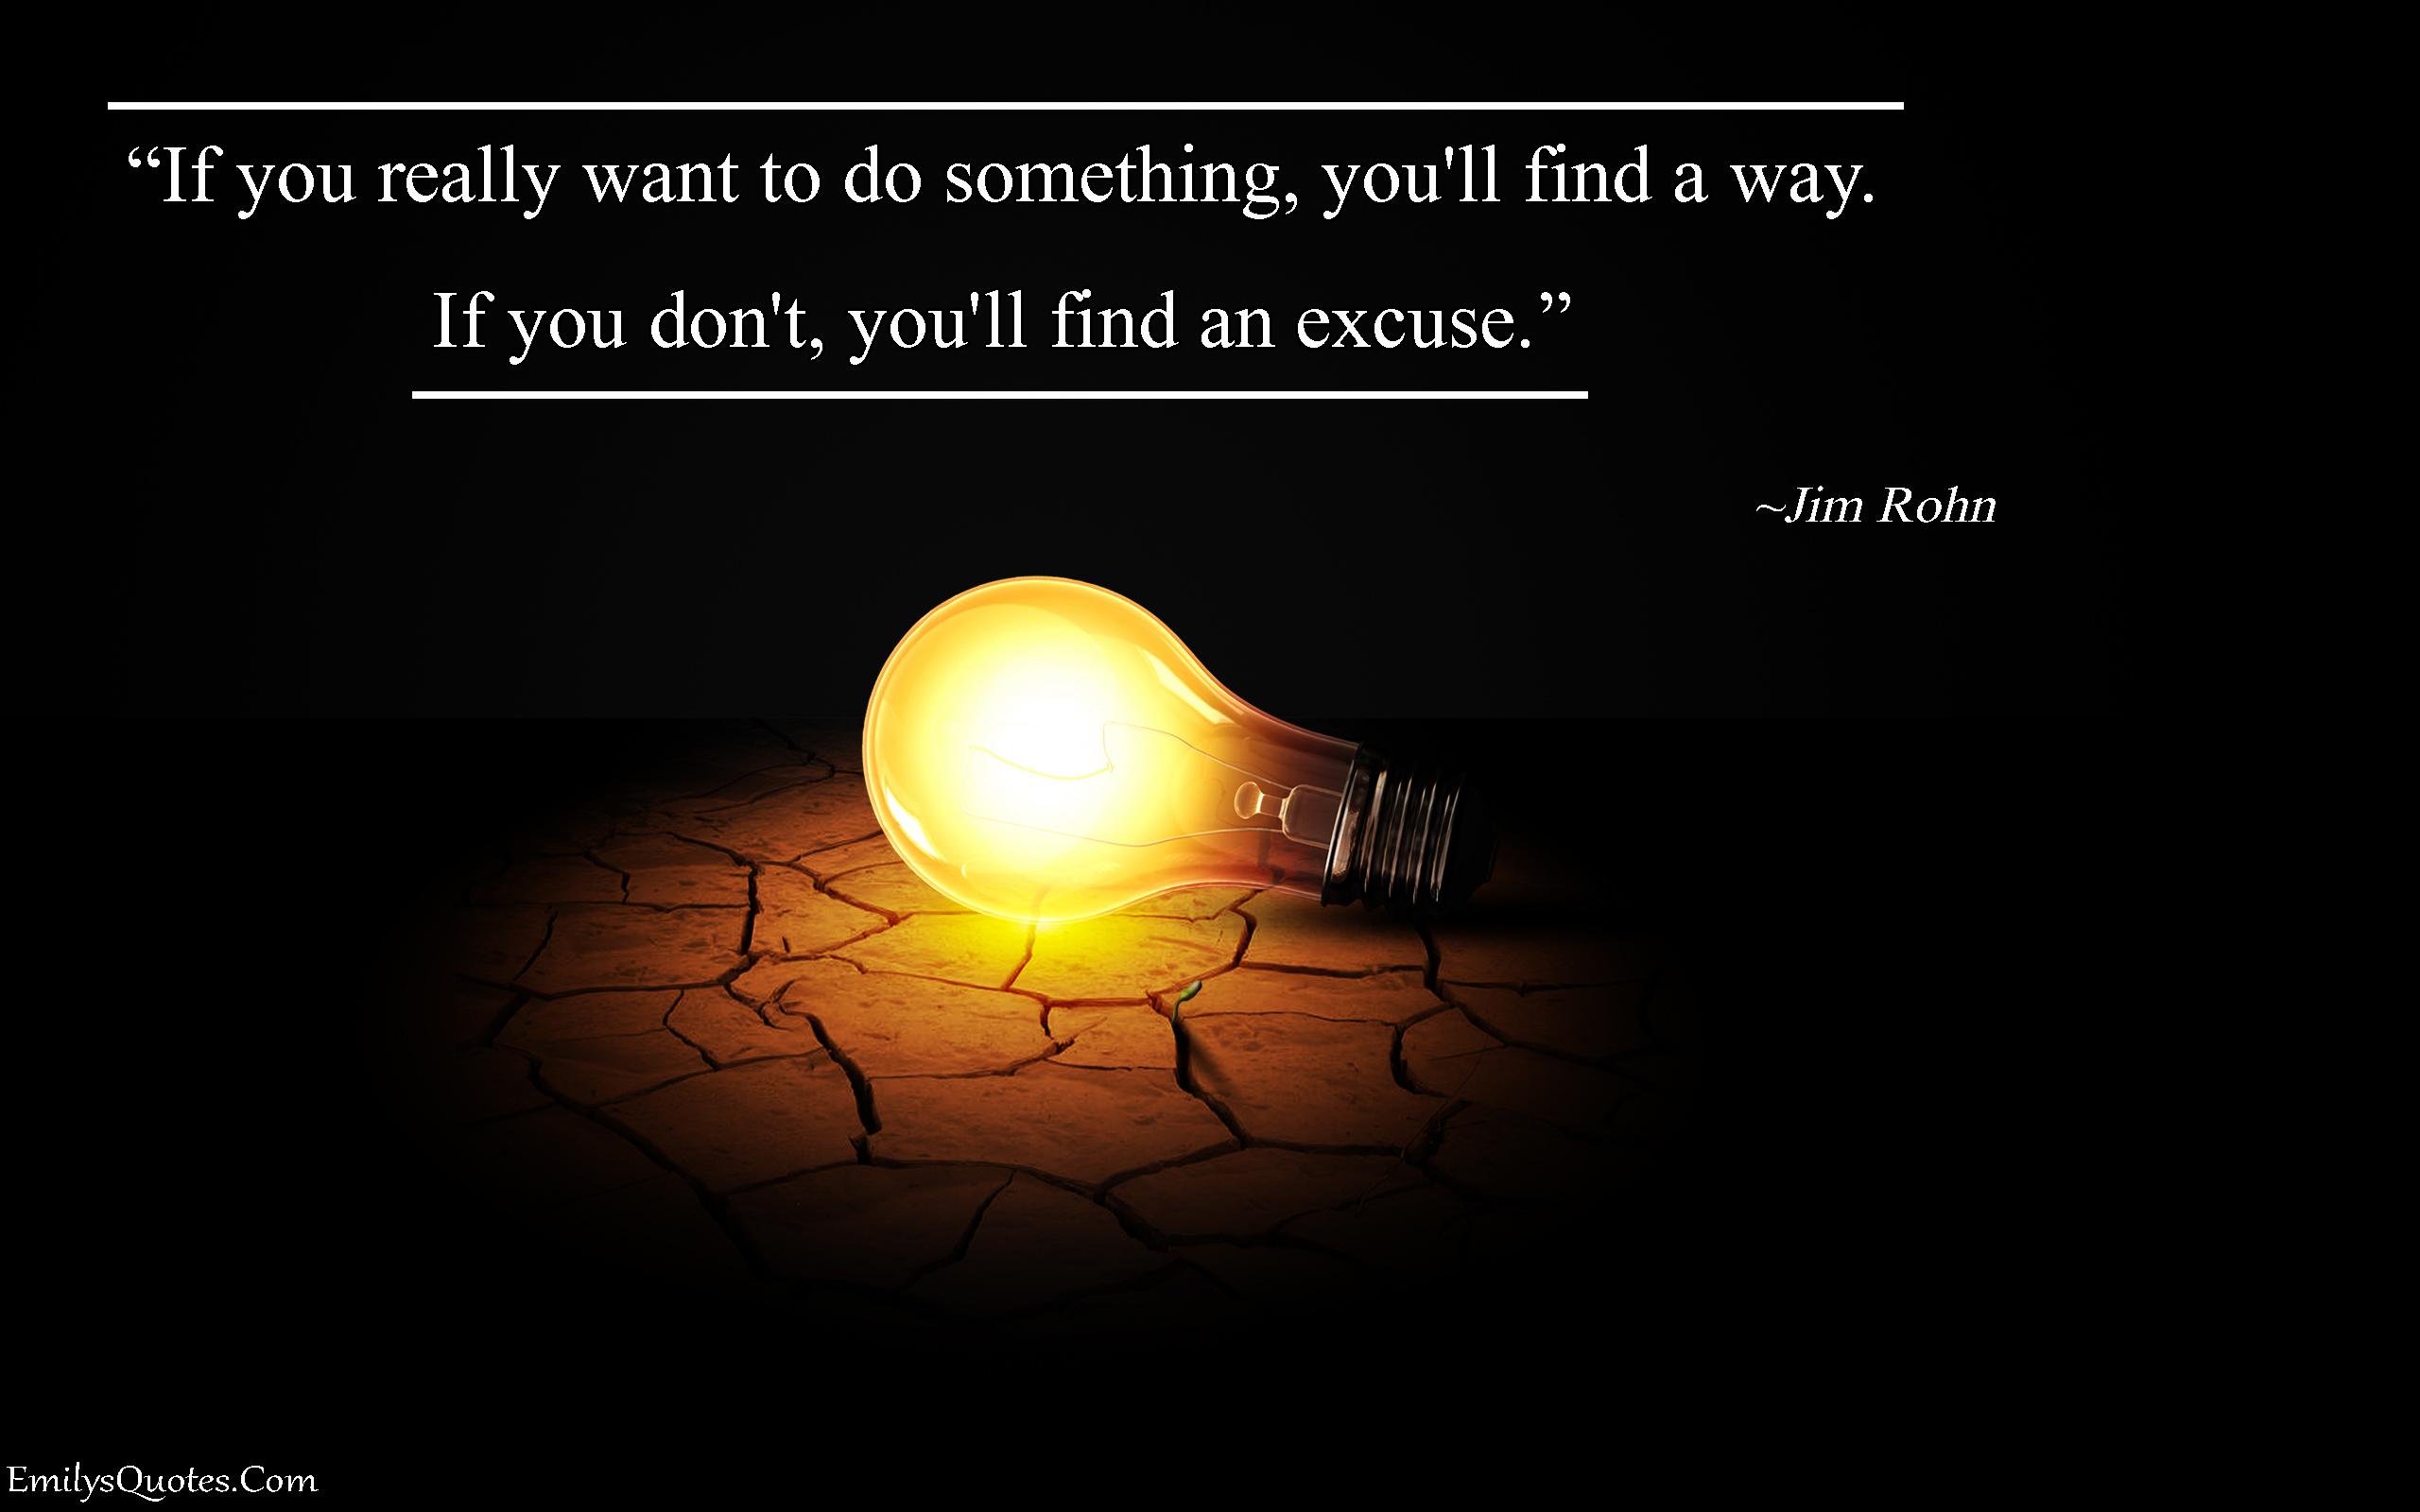 EmilysQuotes.Com - attitude, want, excuse,  Jim Rohn